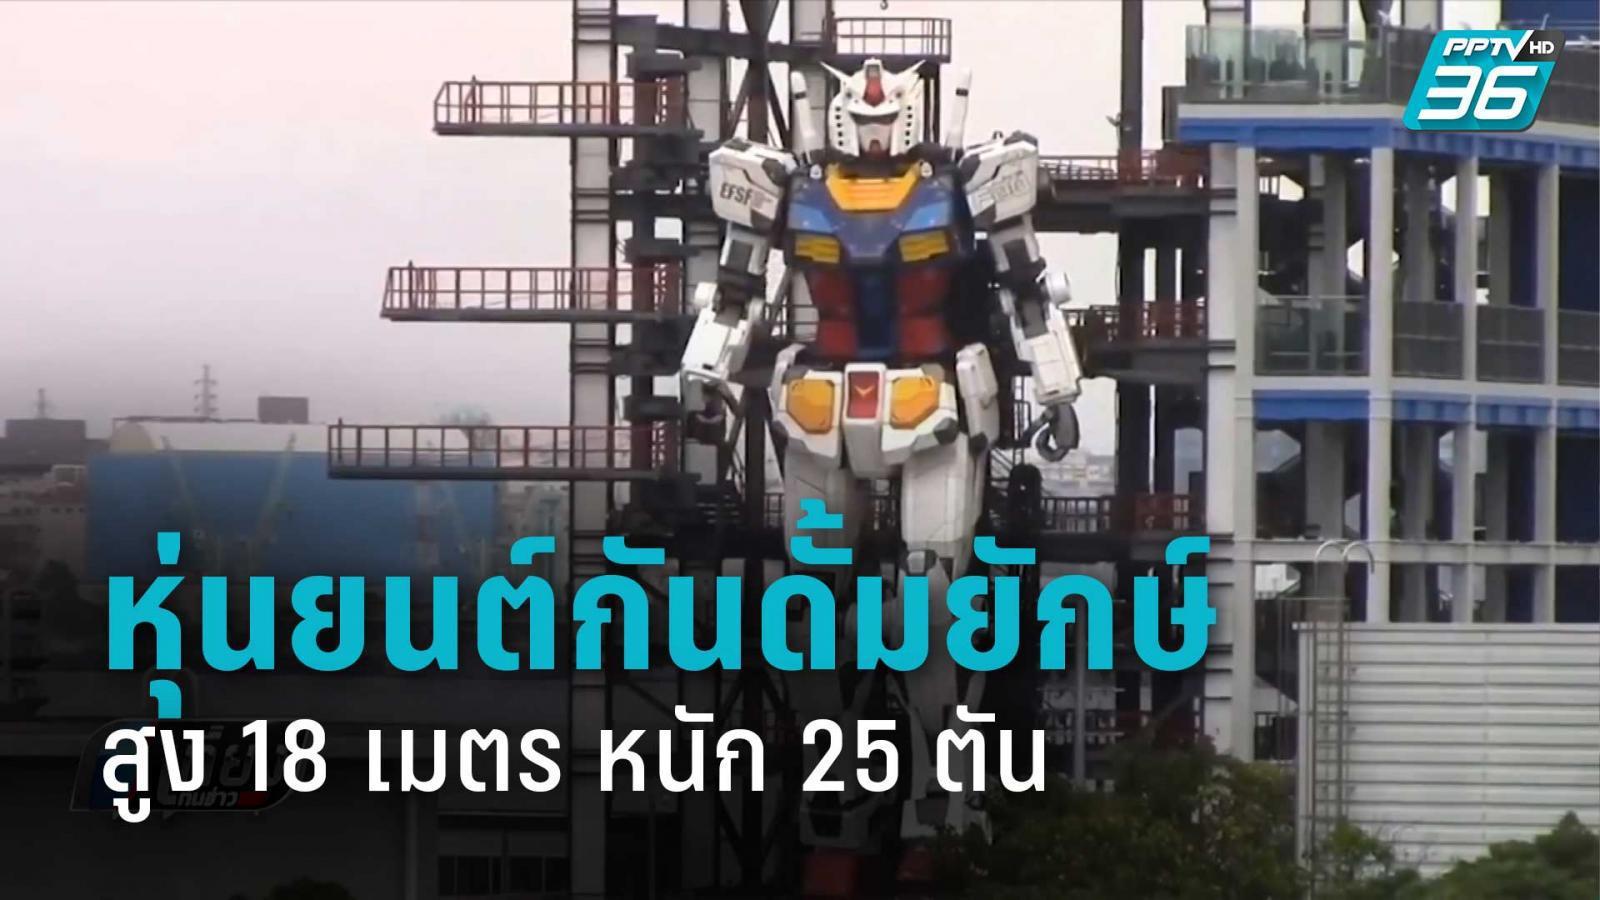 ญี่ปุ่น ทดสอบระบบ หุ่นยนต์กันดั้มยักษ์ ครั้งแรก